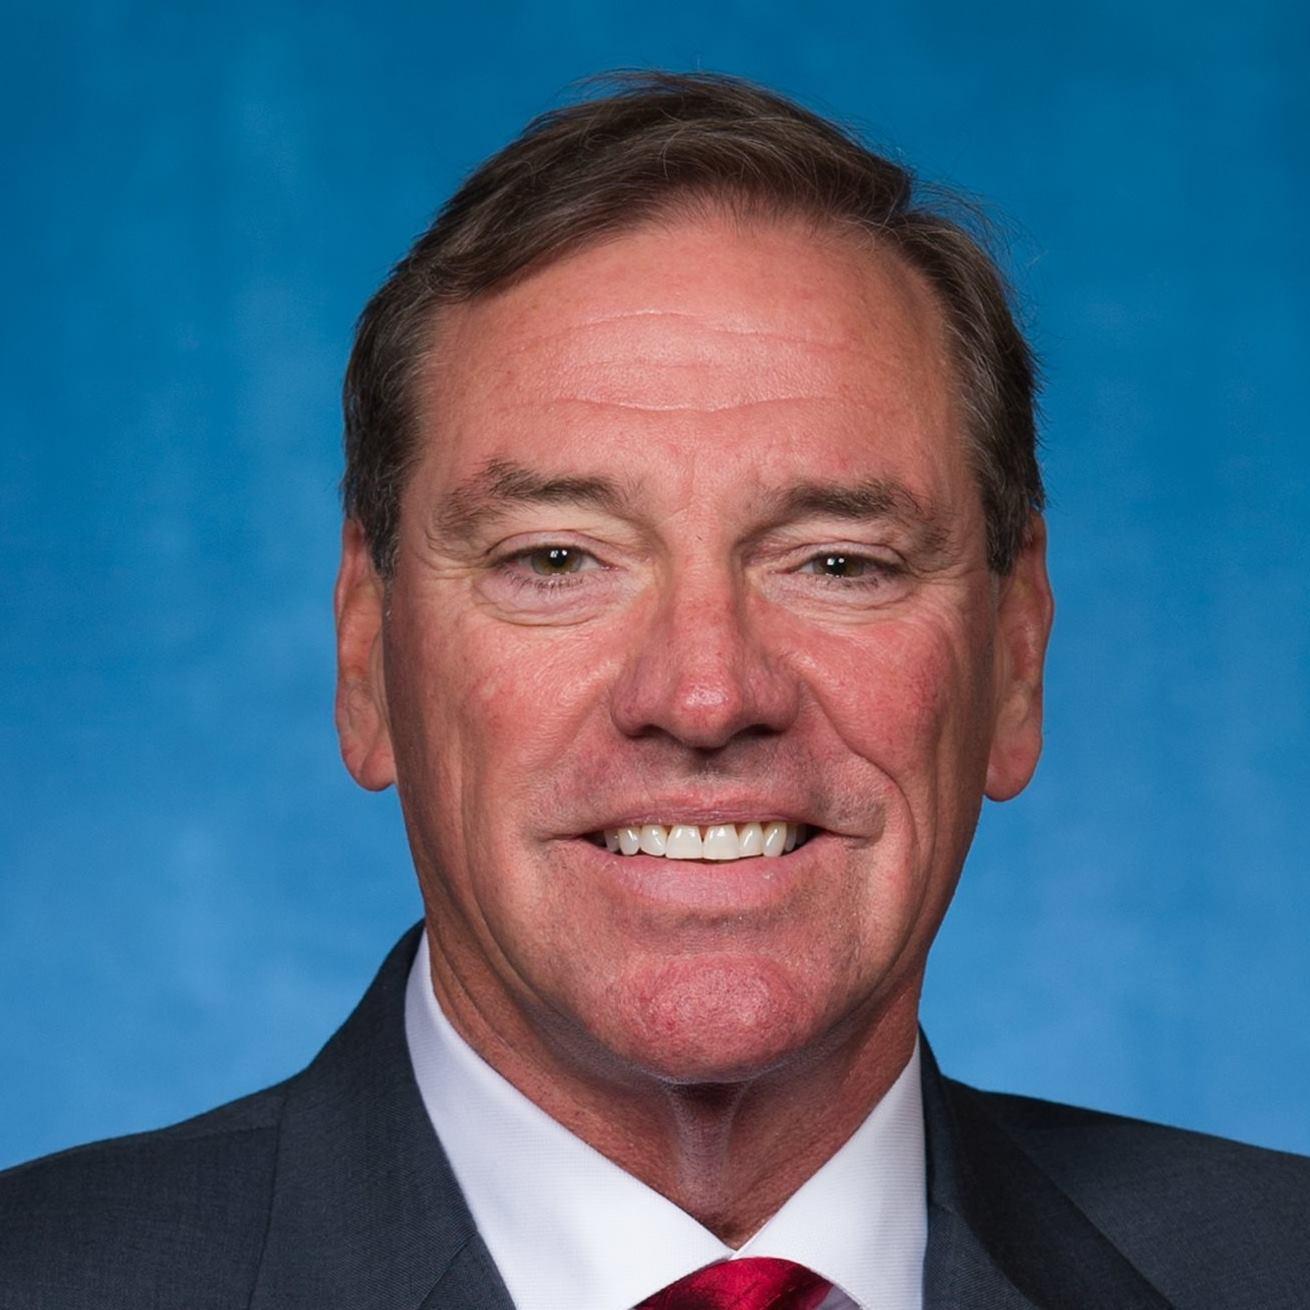 Neal_Dunn,_official_portrait,_115th_Congress_1489698059638.jpg